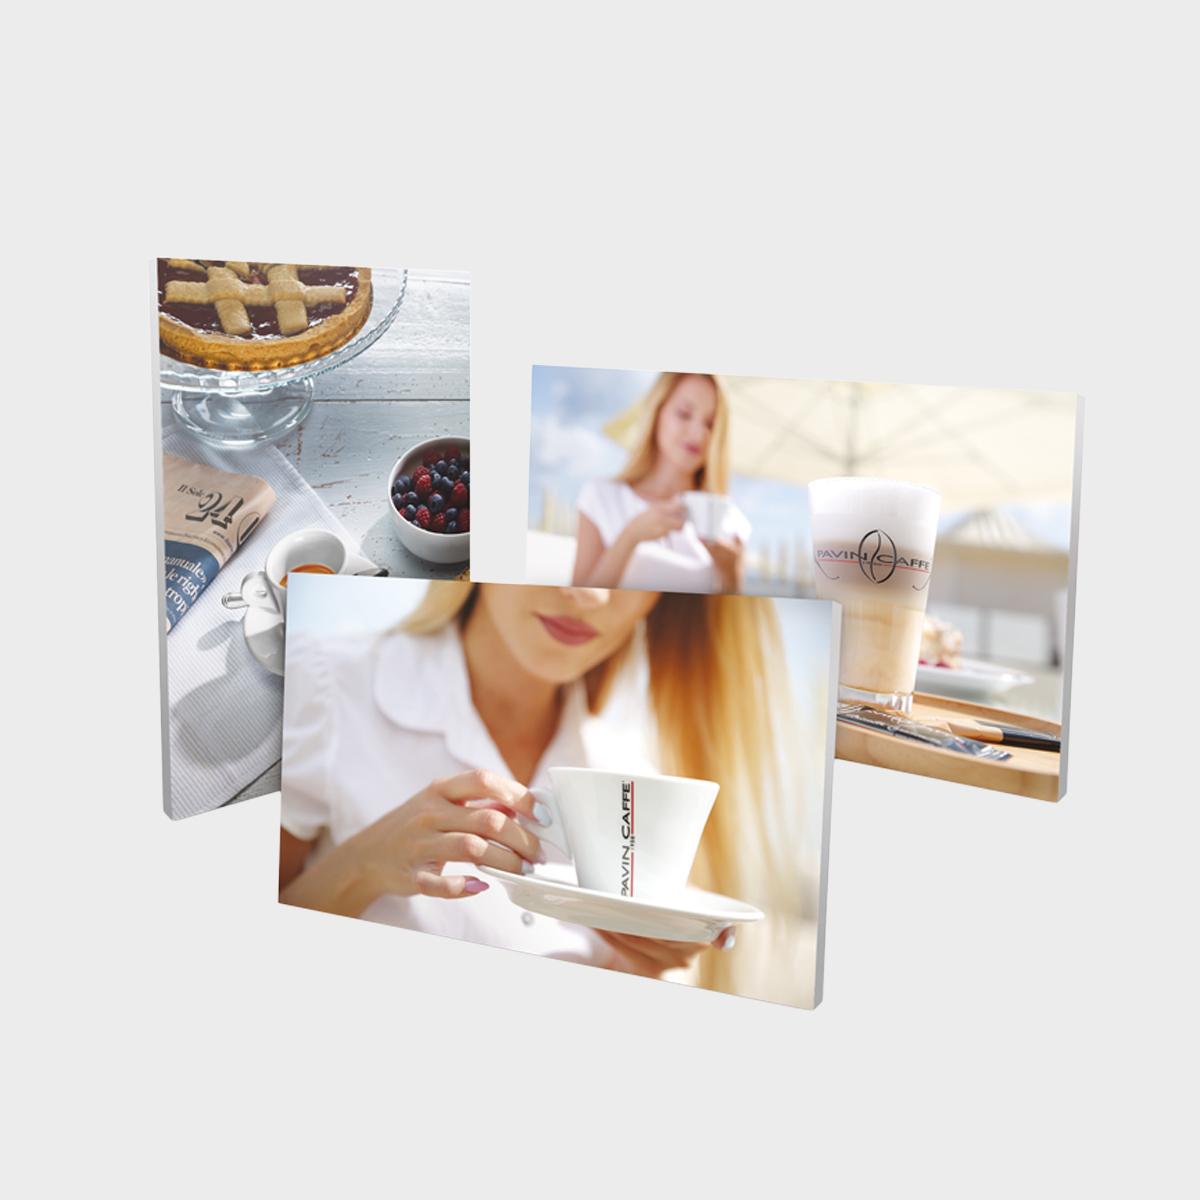 pannello-50-x-100-cm-pavin-caffe